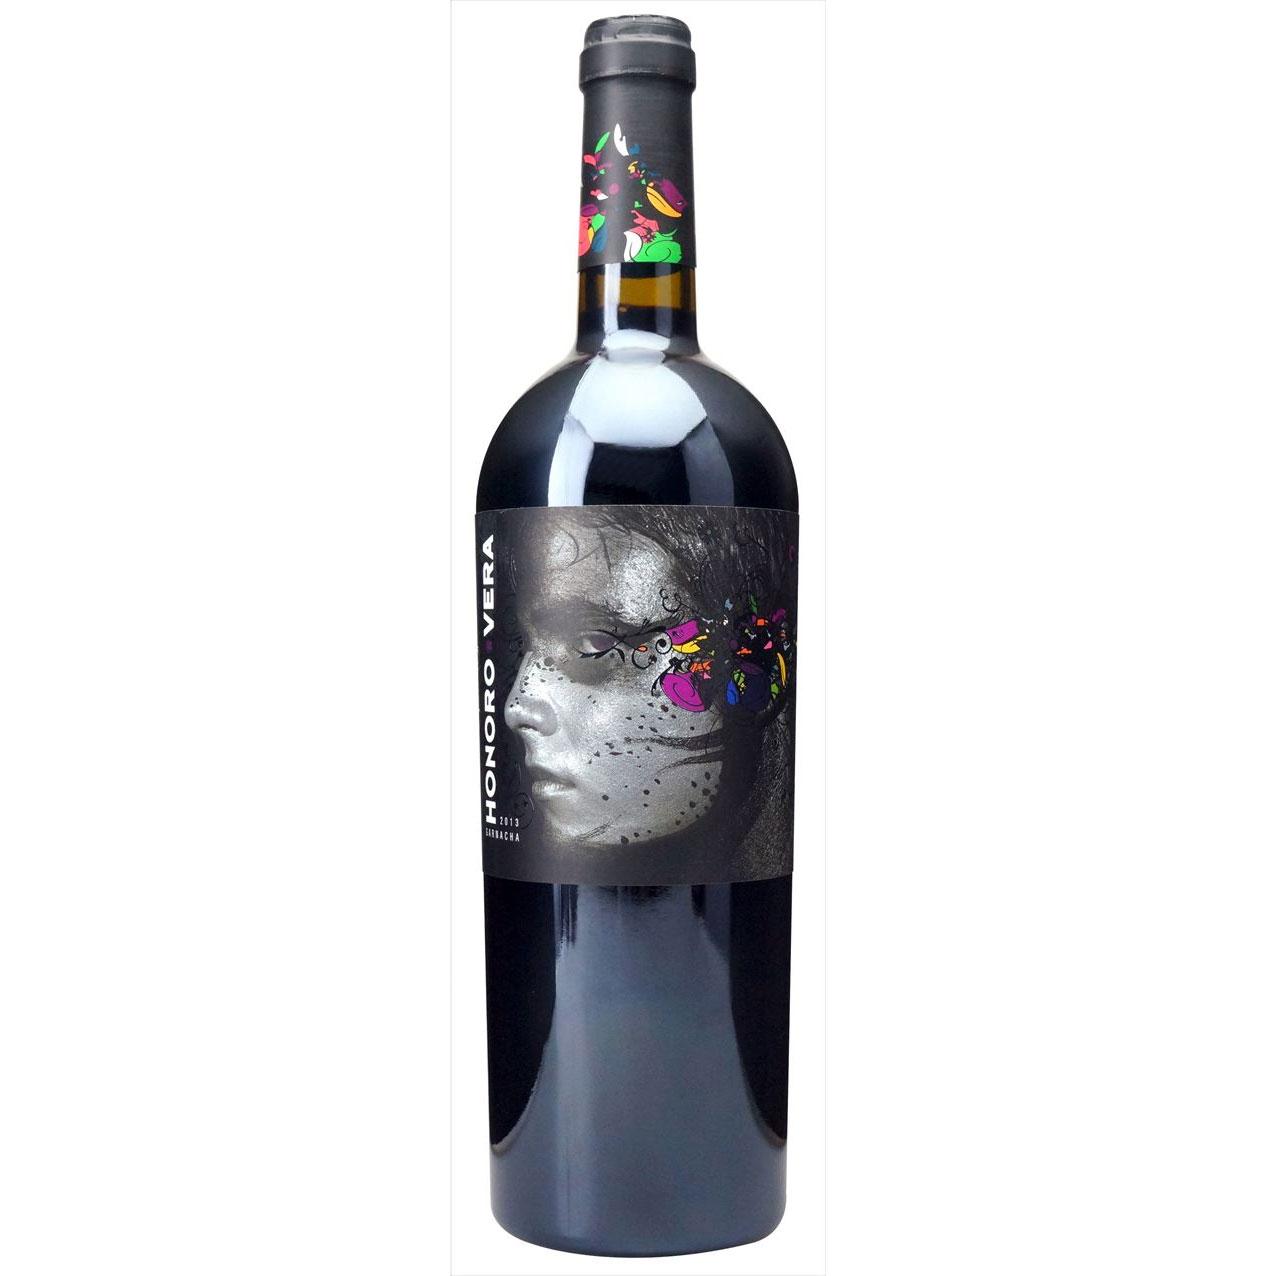 【ラッキーシール対応】お歳暮 ギフト オノロ ベラ  ボデガス アテカ 赤 750ml 12本 スペイン カラタユード 赤ワイン 送料無料 コンビニ受取対応商品 ヴィンテージ管理しておりません、変わる場合があります